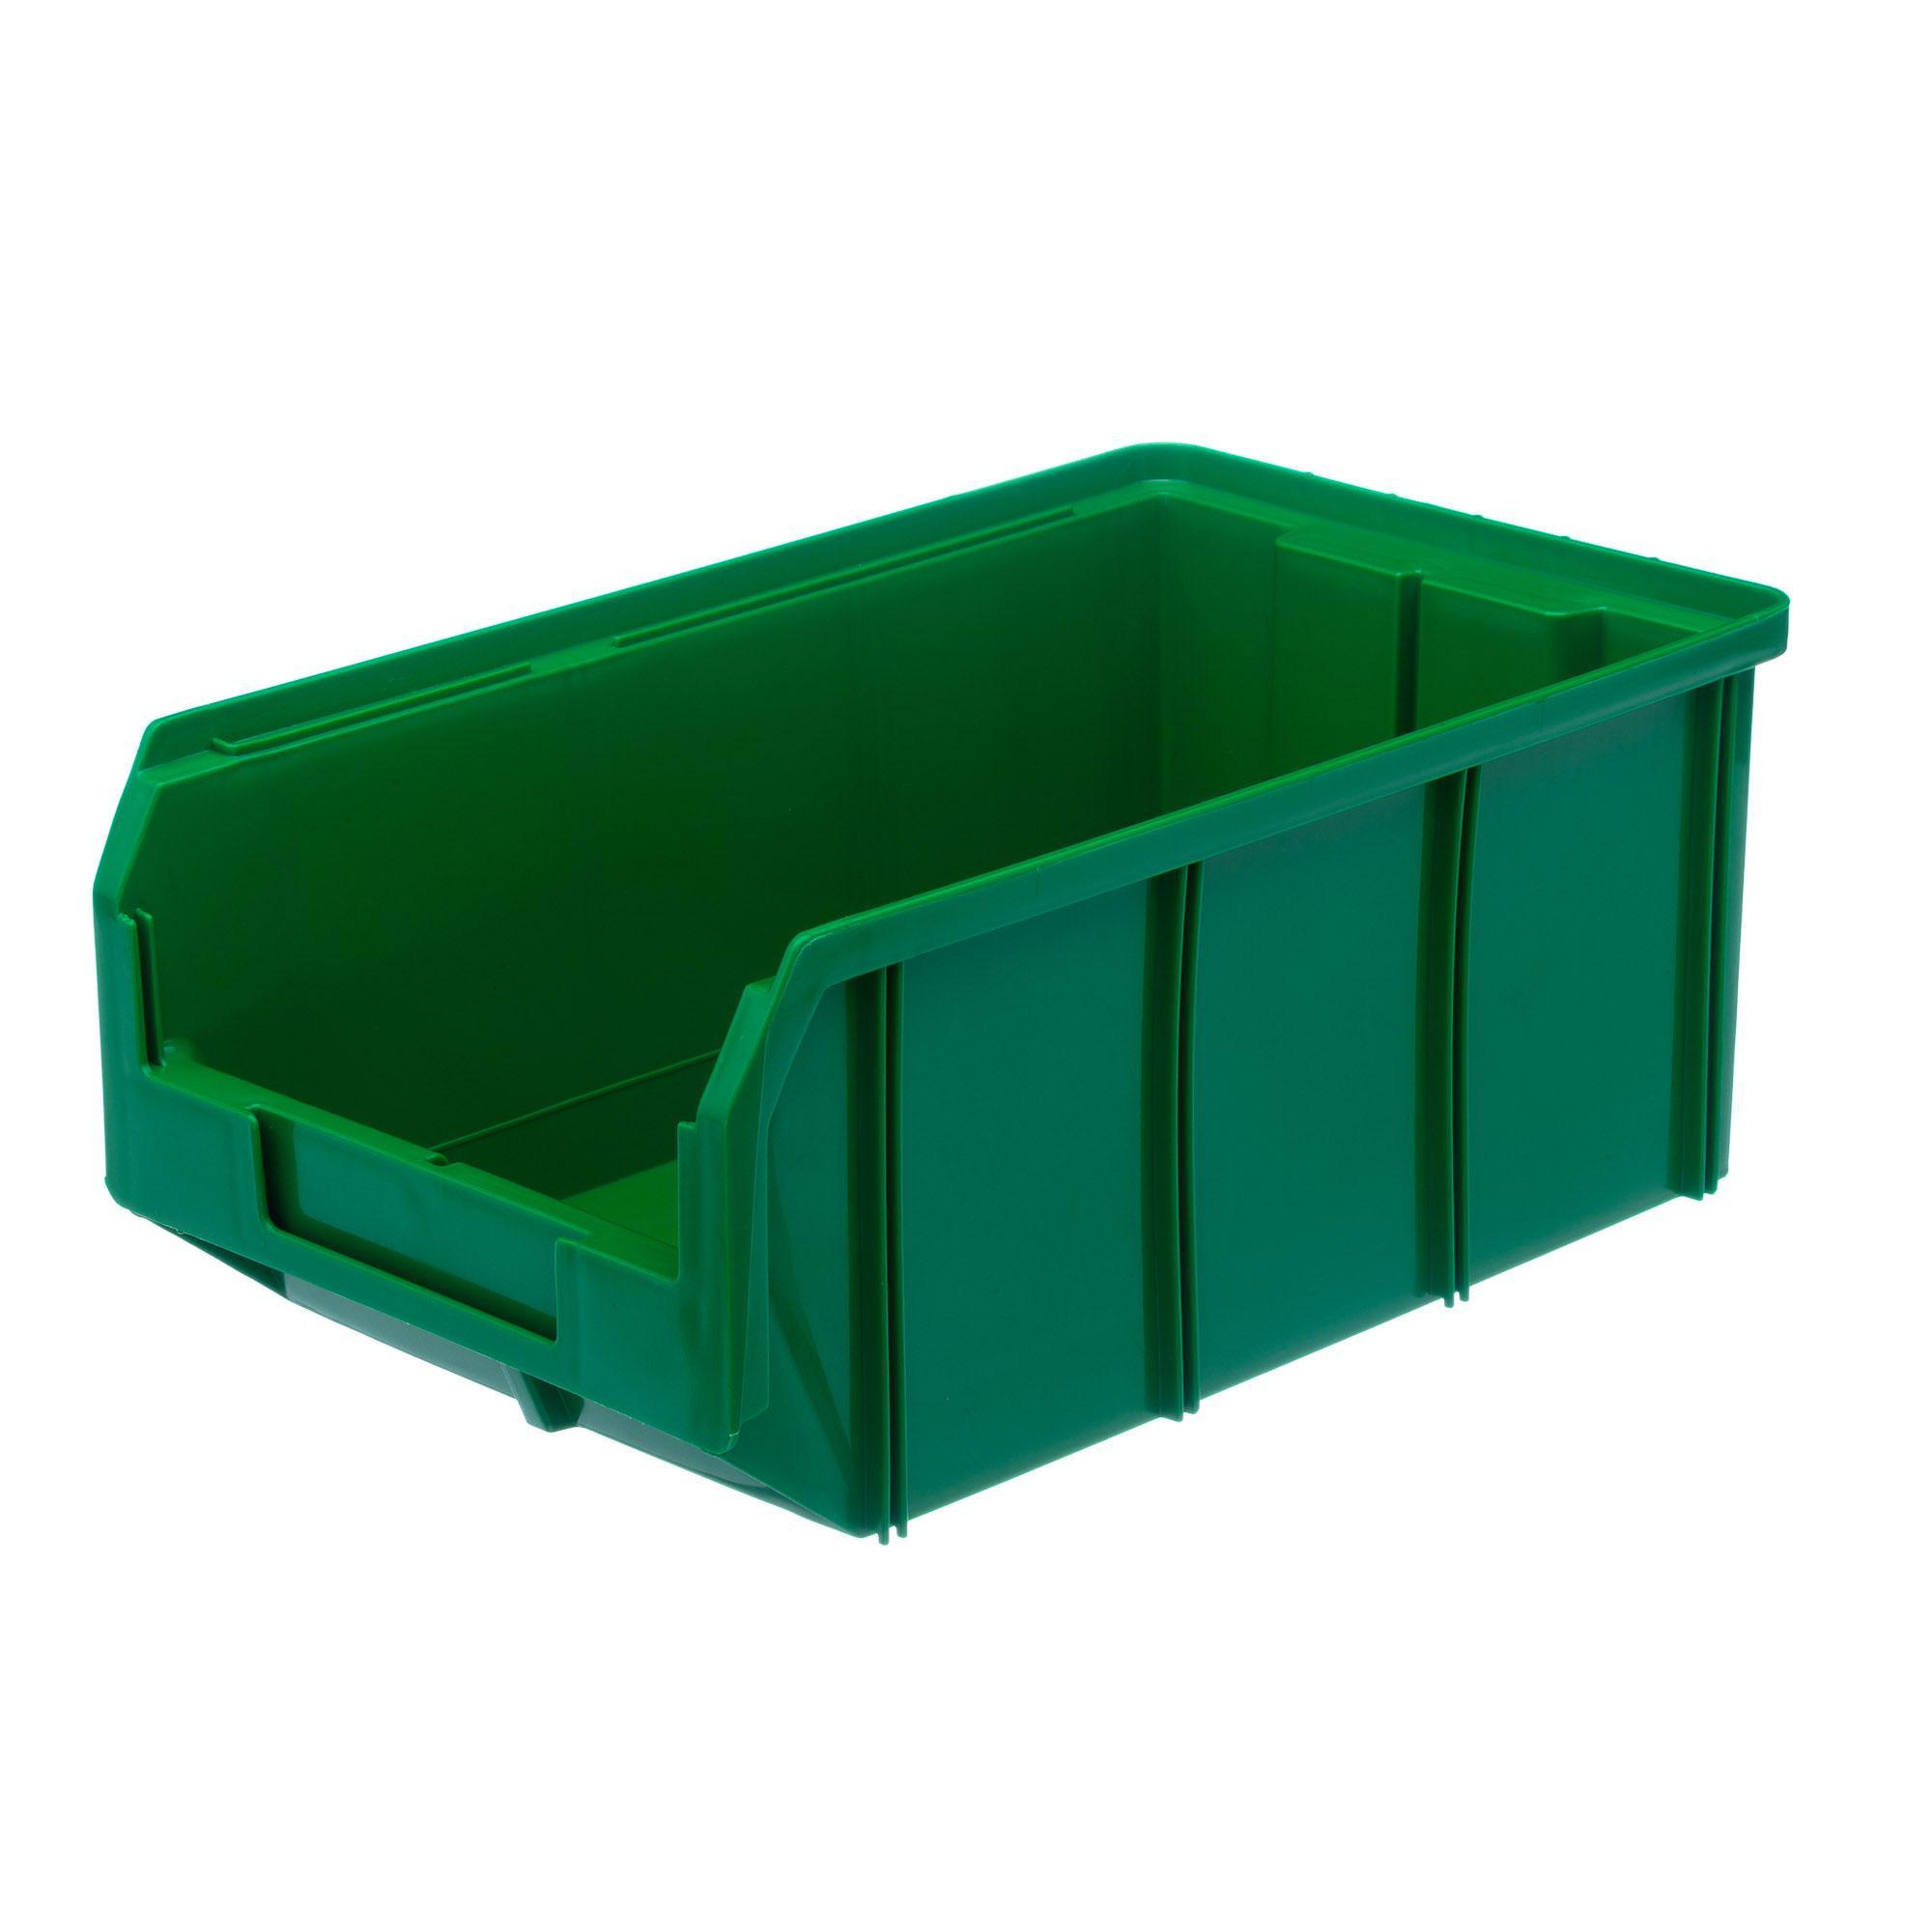 Ящик СТЕЛЛА V-3 зеленый от 220 Вольт